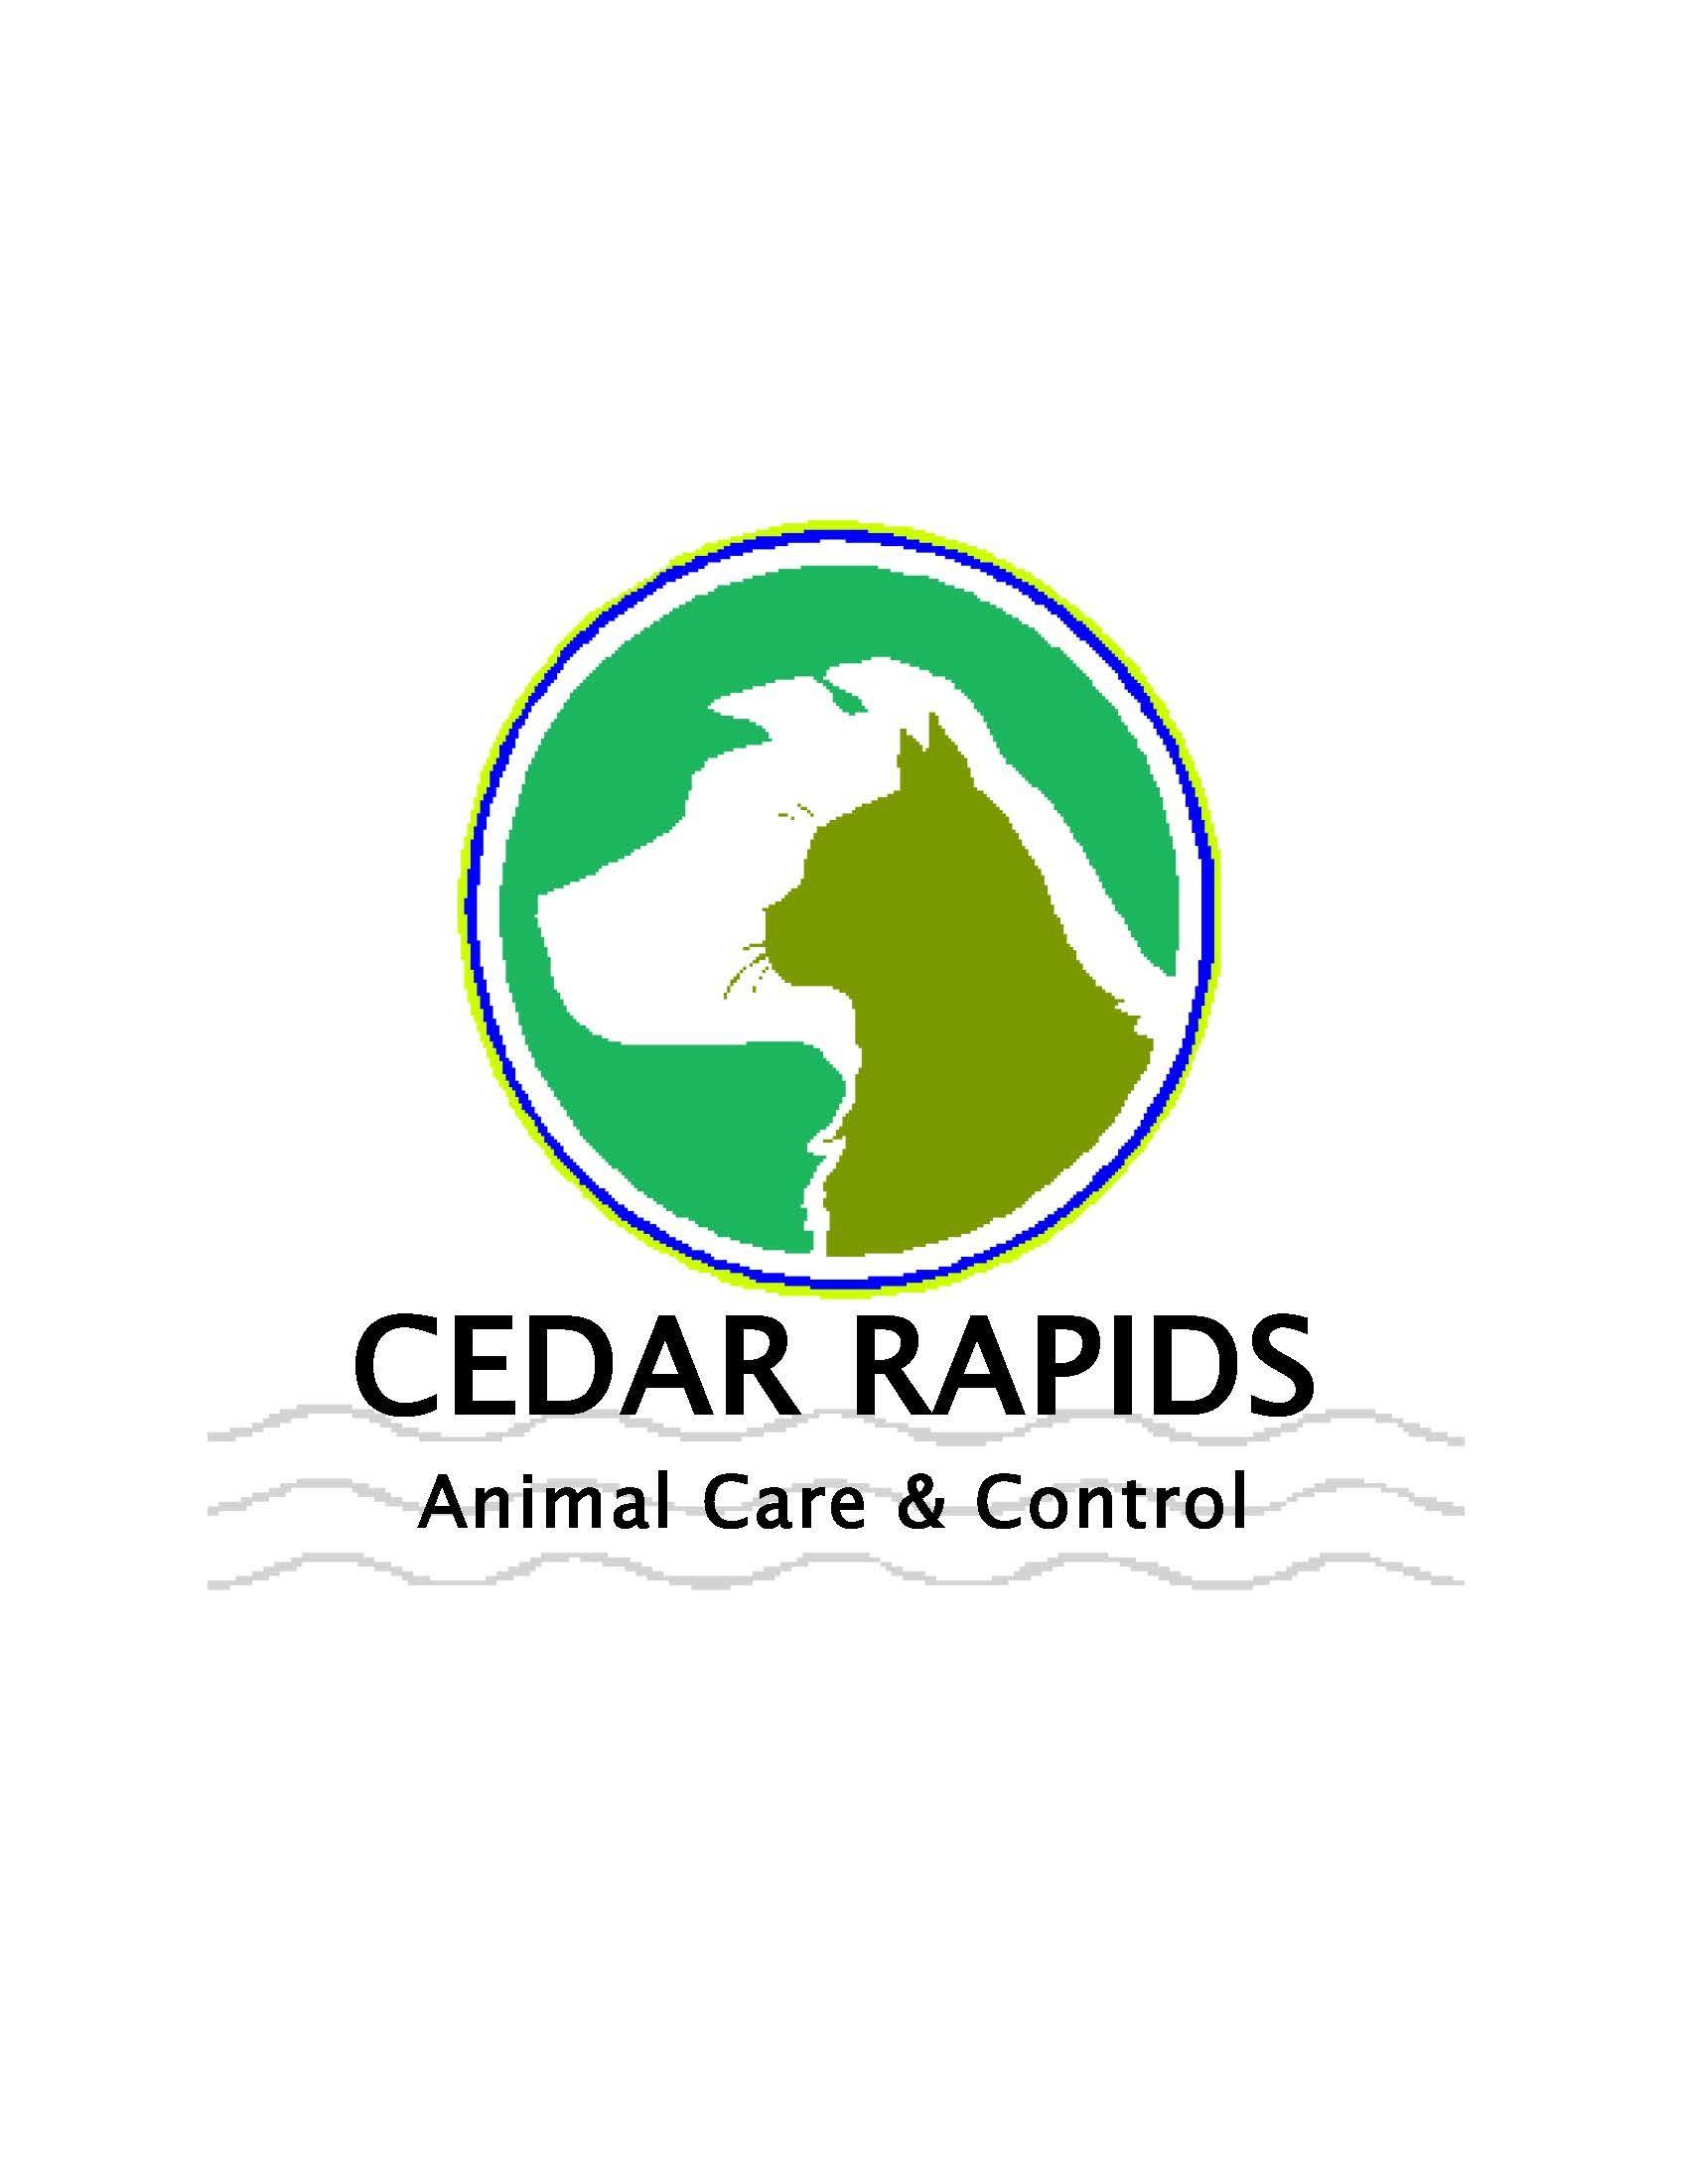 Cedar Rapids Animal Care & Control (Animal Shelter)